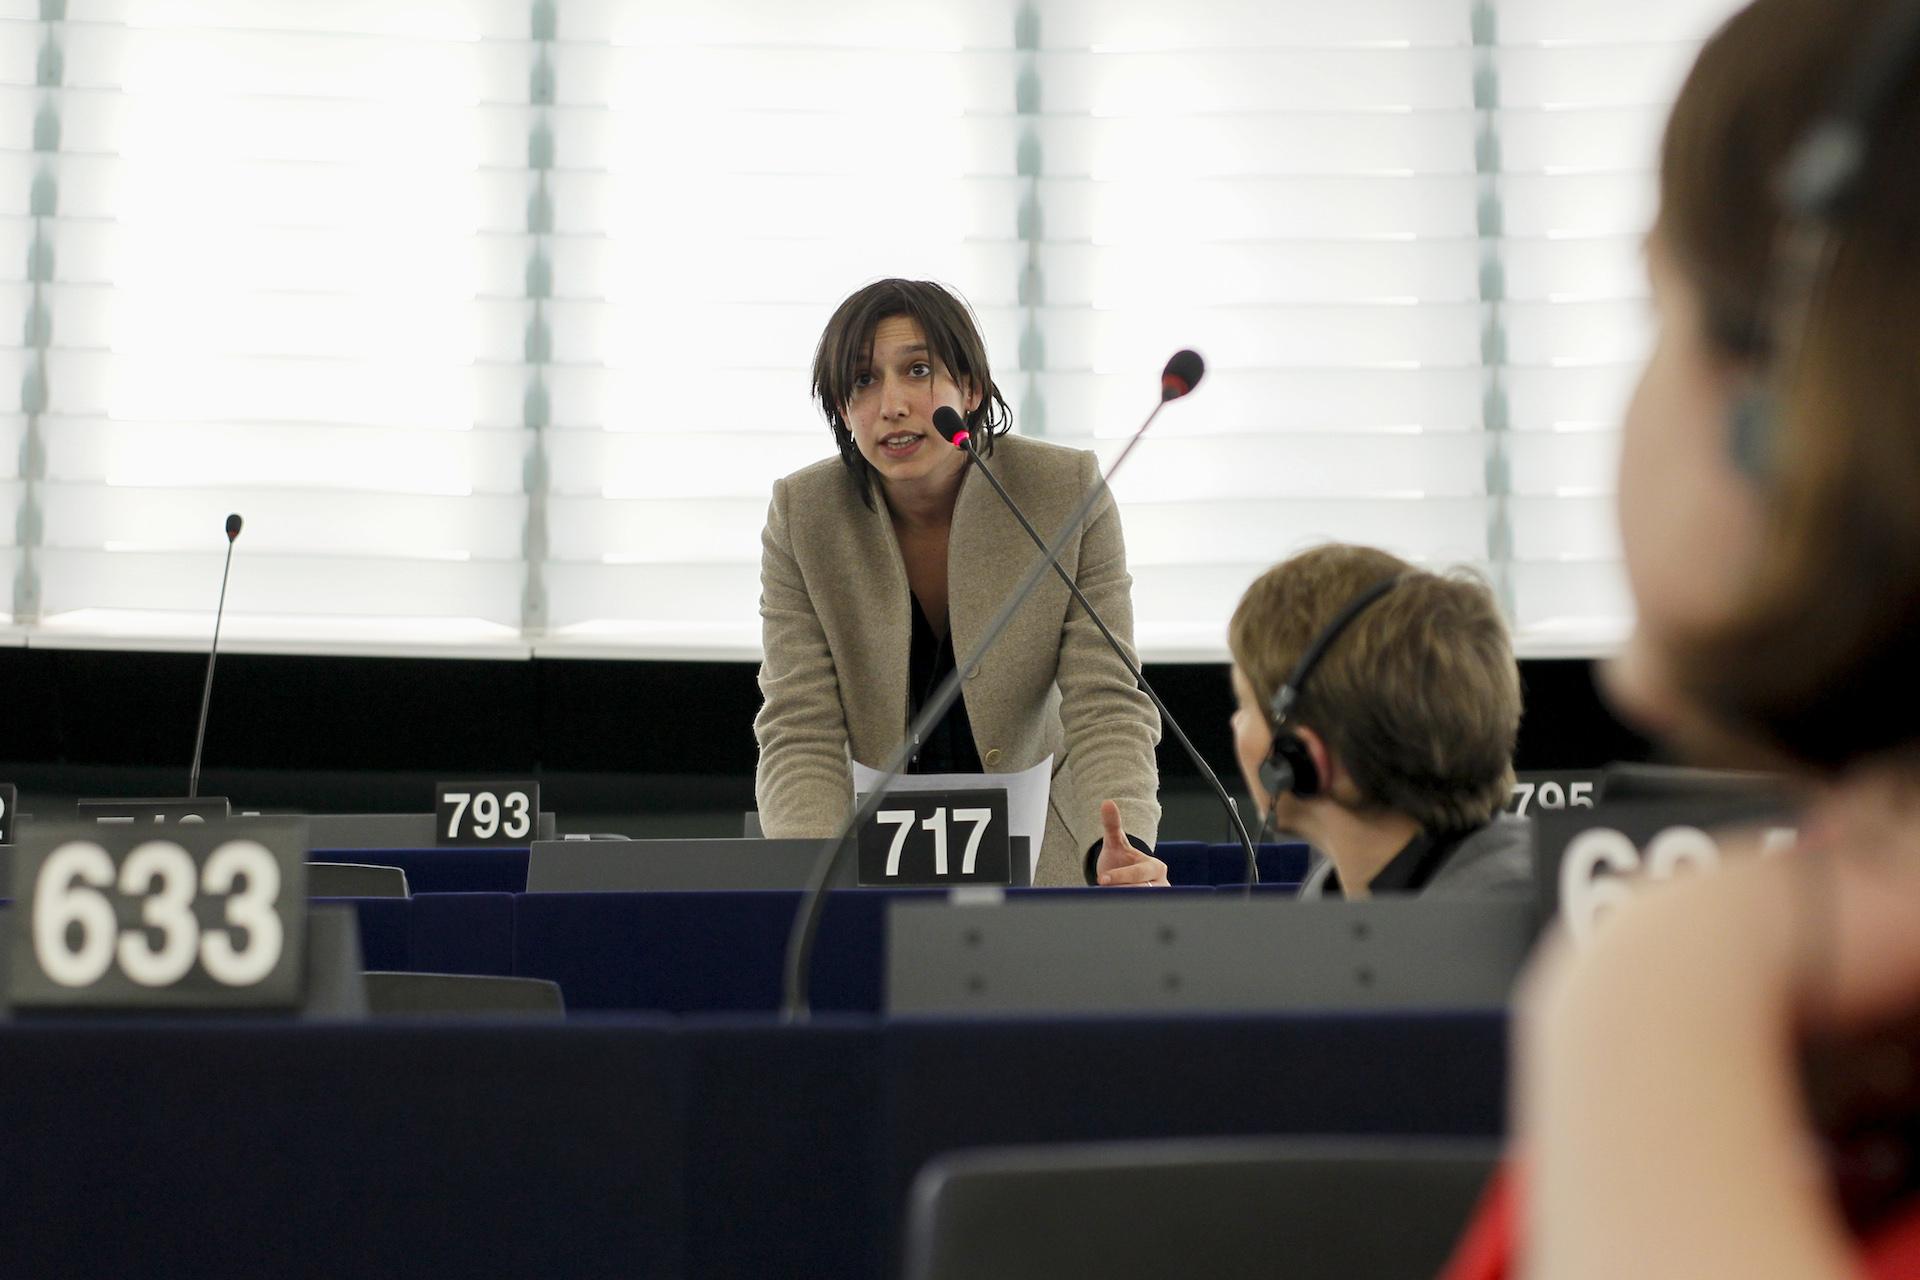 Liberi e Uguali con gli occhi dell'eurodeputata Elly Schlein – La mia intervista per Libero Pensiero